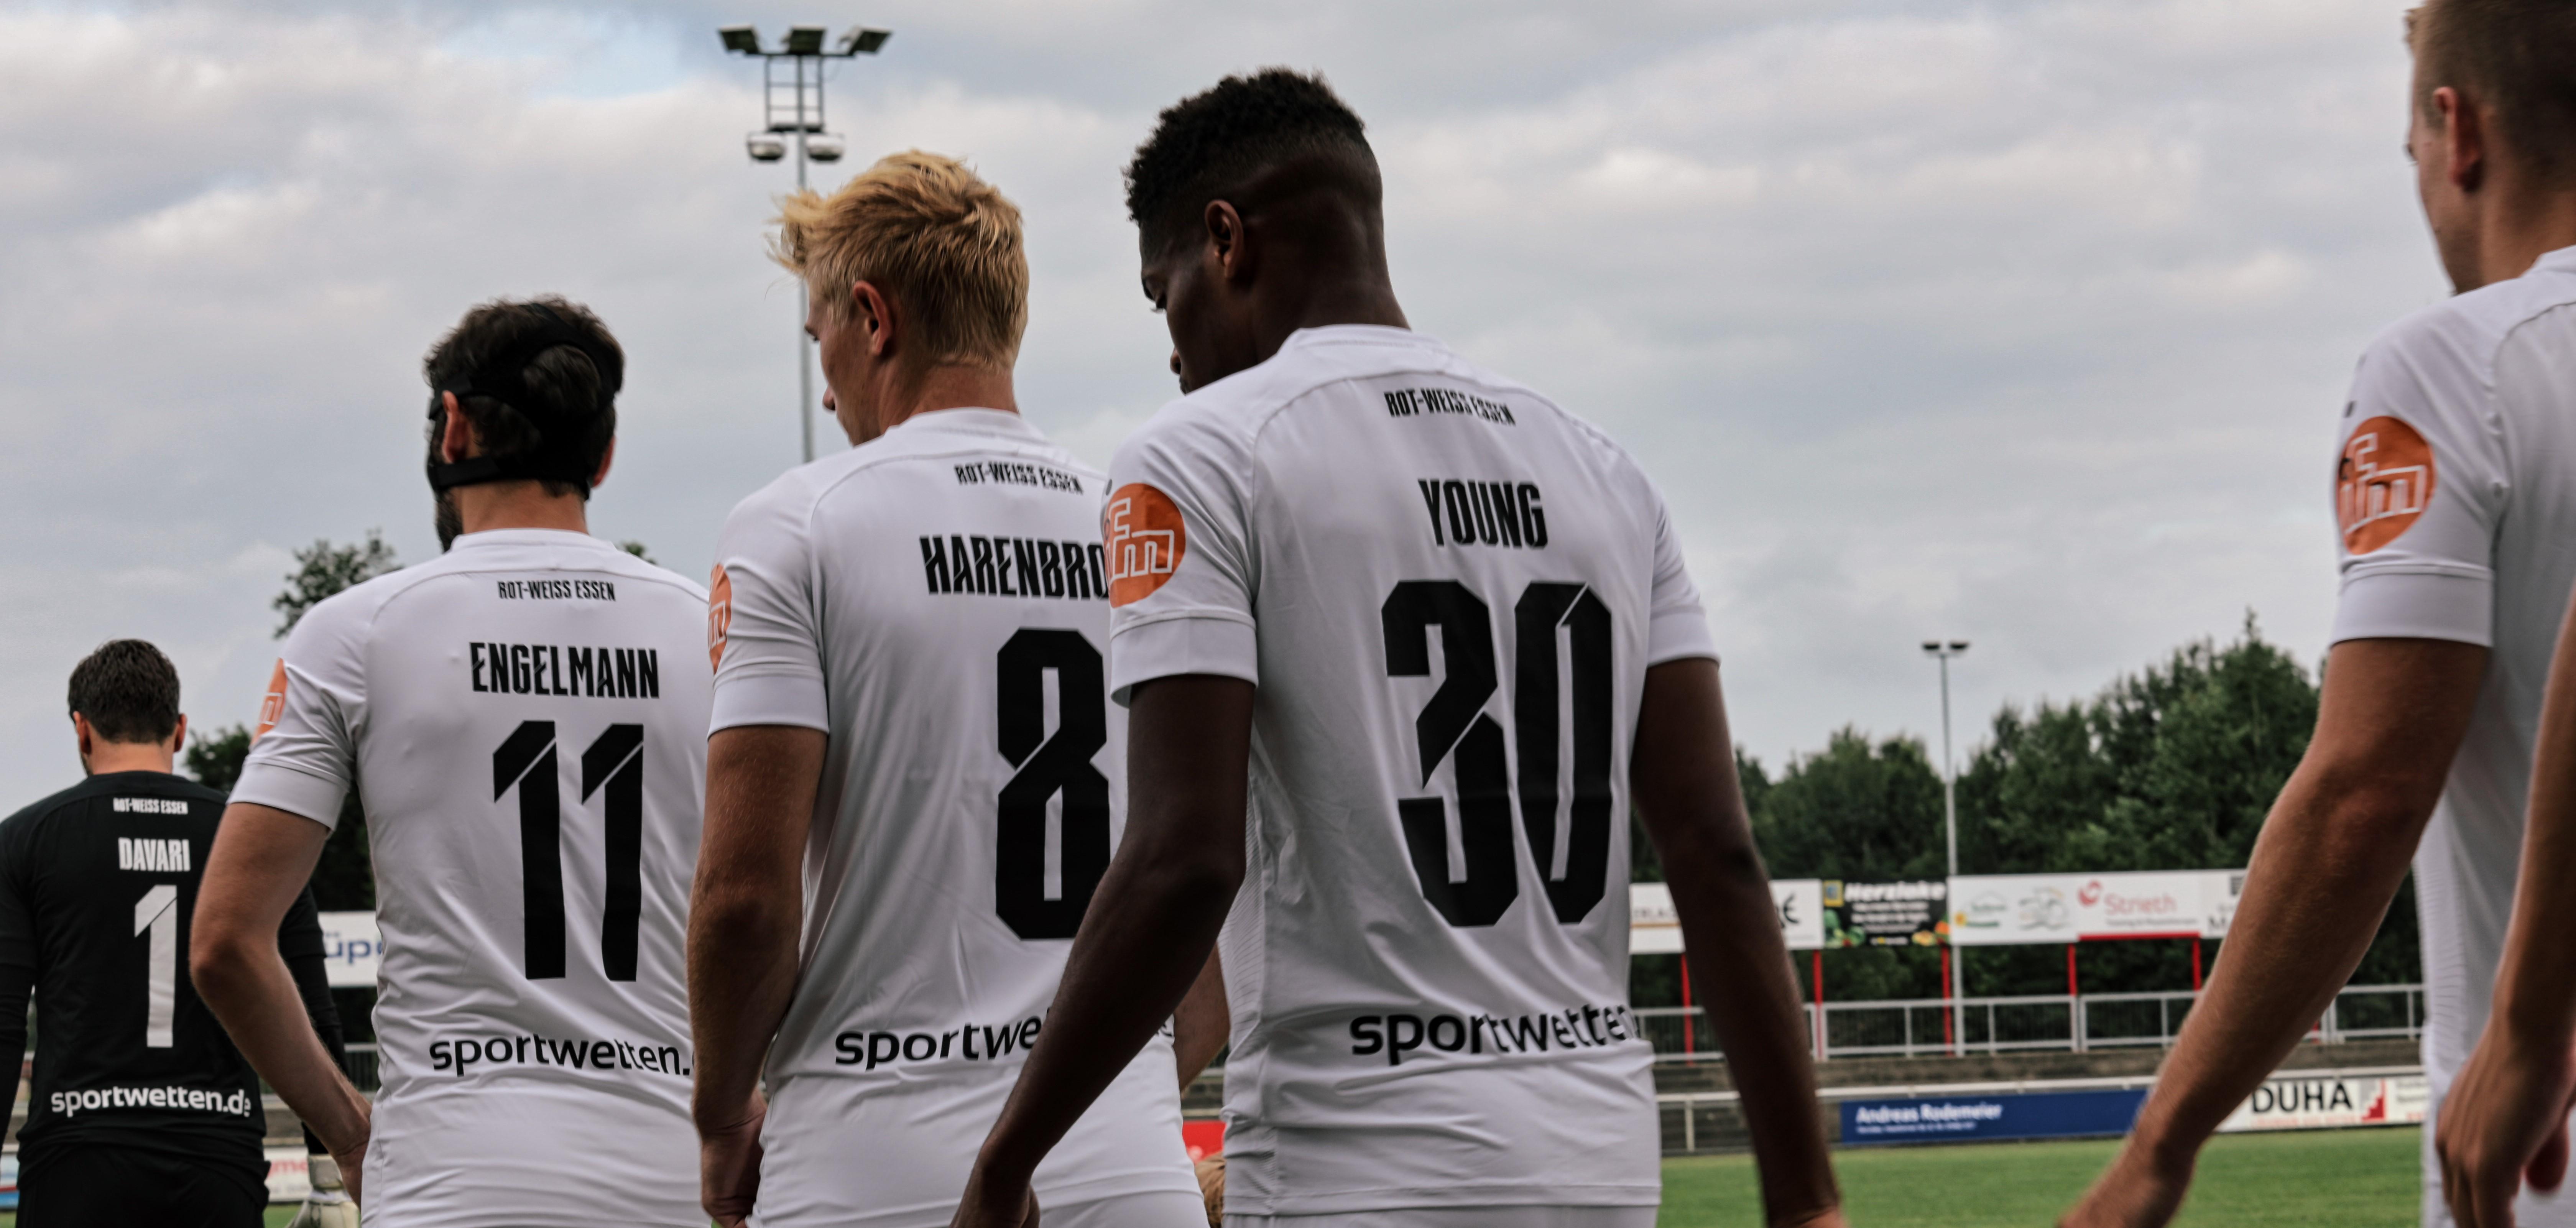 Die Saison beginnt für Rot-Weiss Essen mit einem Auswärtsspiel beim Bonner SC am 14. August, 14.00 Uhr. (Foto: ISDT/Strootmann)